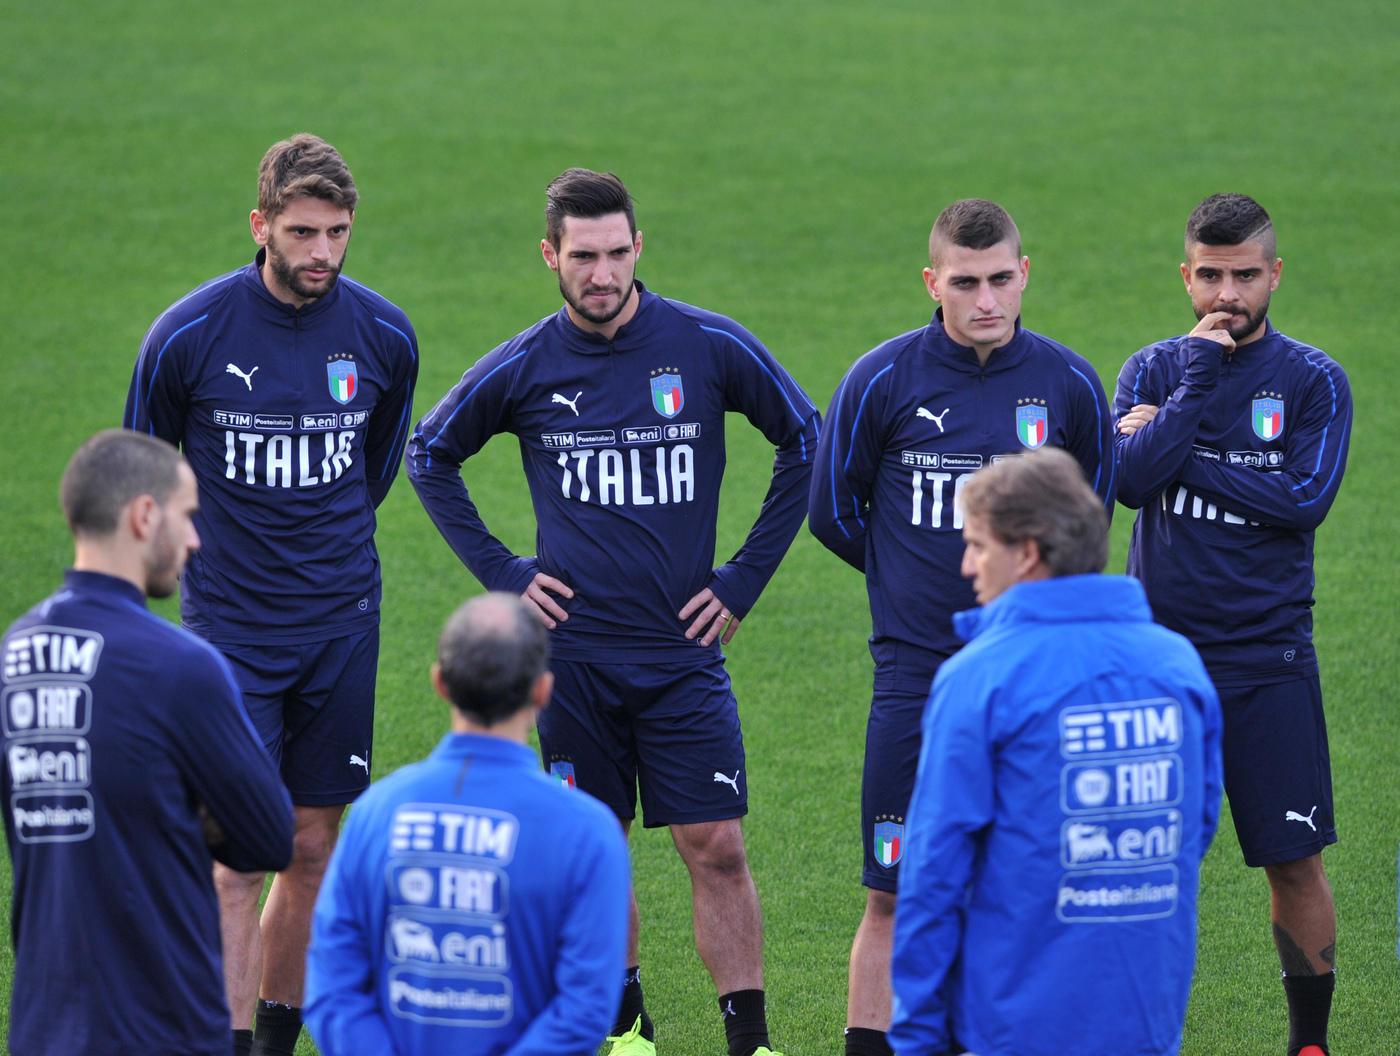 A Coverciano seconda giornata di allenamenti per l'Italia di Manxini in vista degli impegni contro Portogallo e Usa.